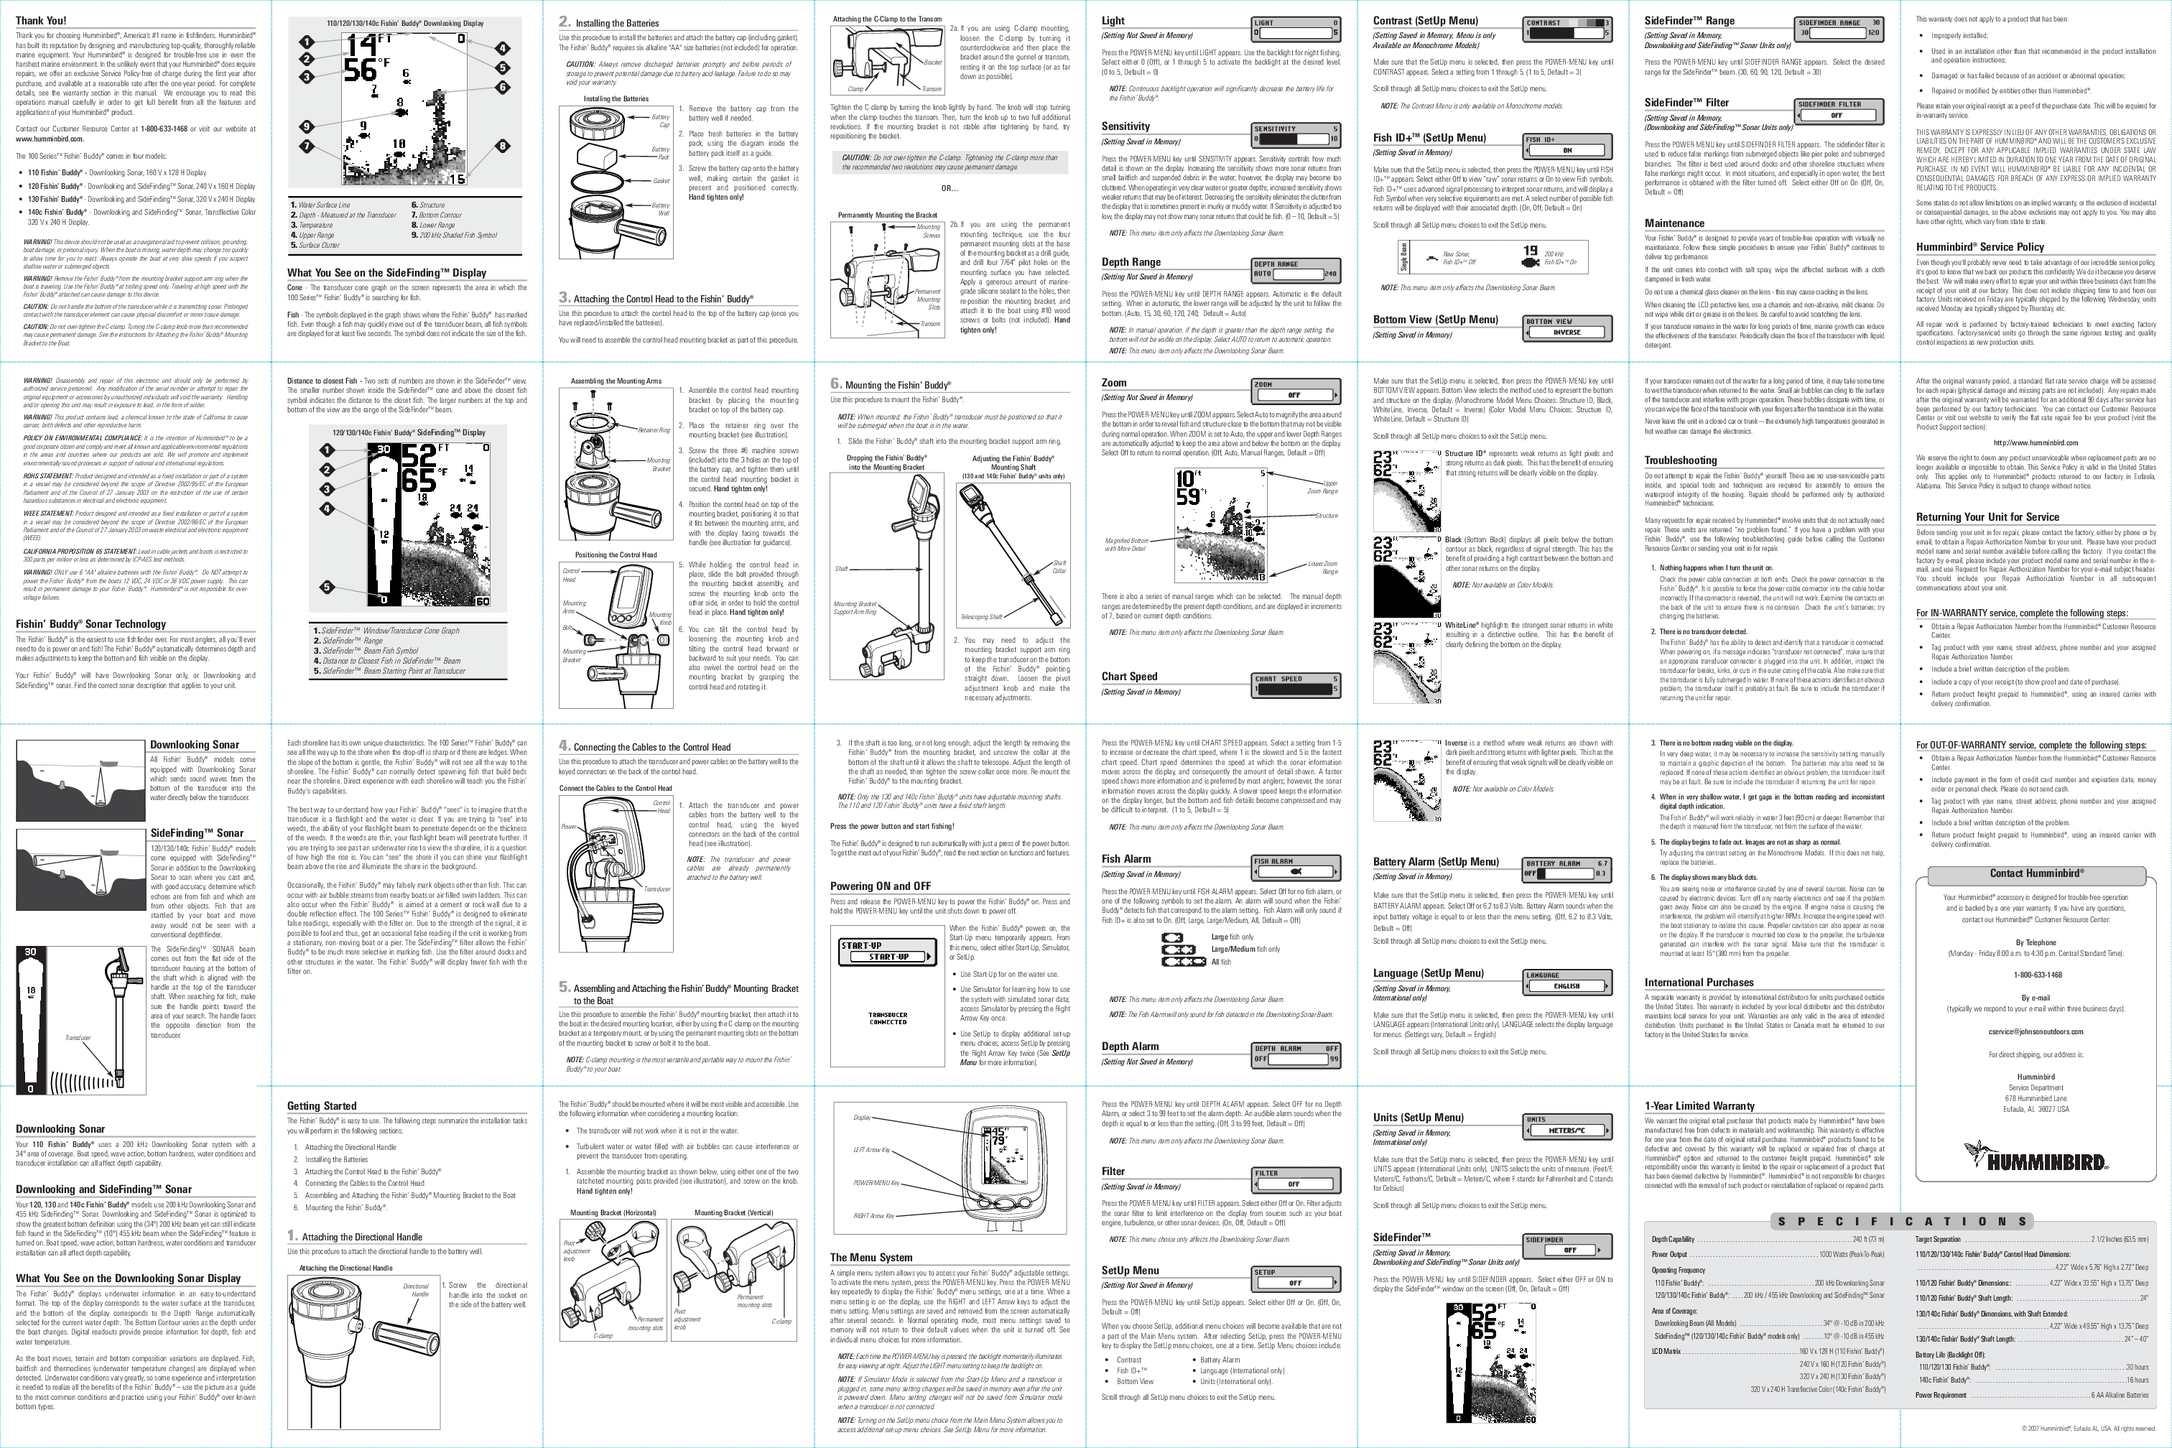 эхолот ff998 инструкция pdf